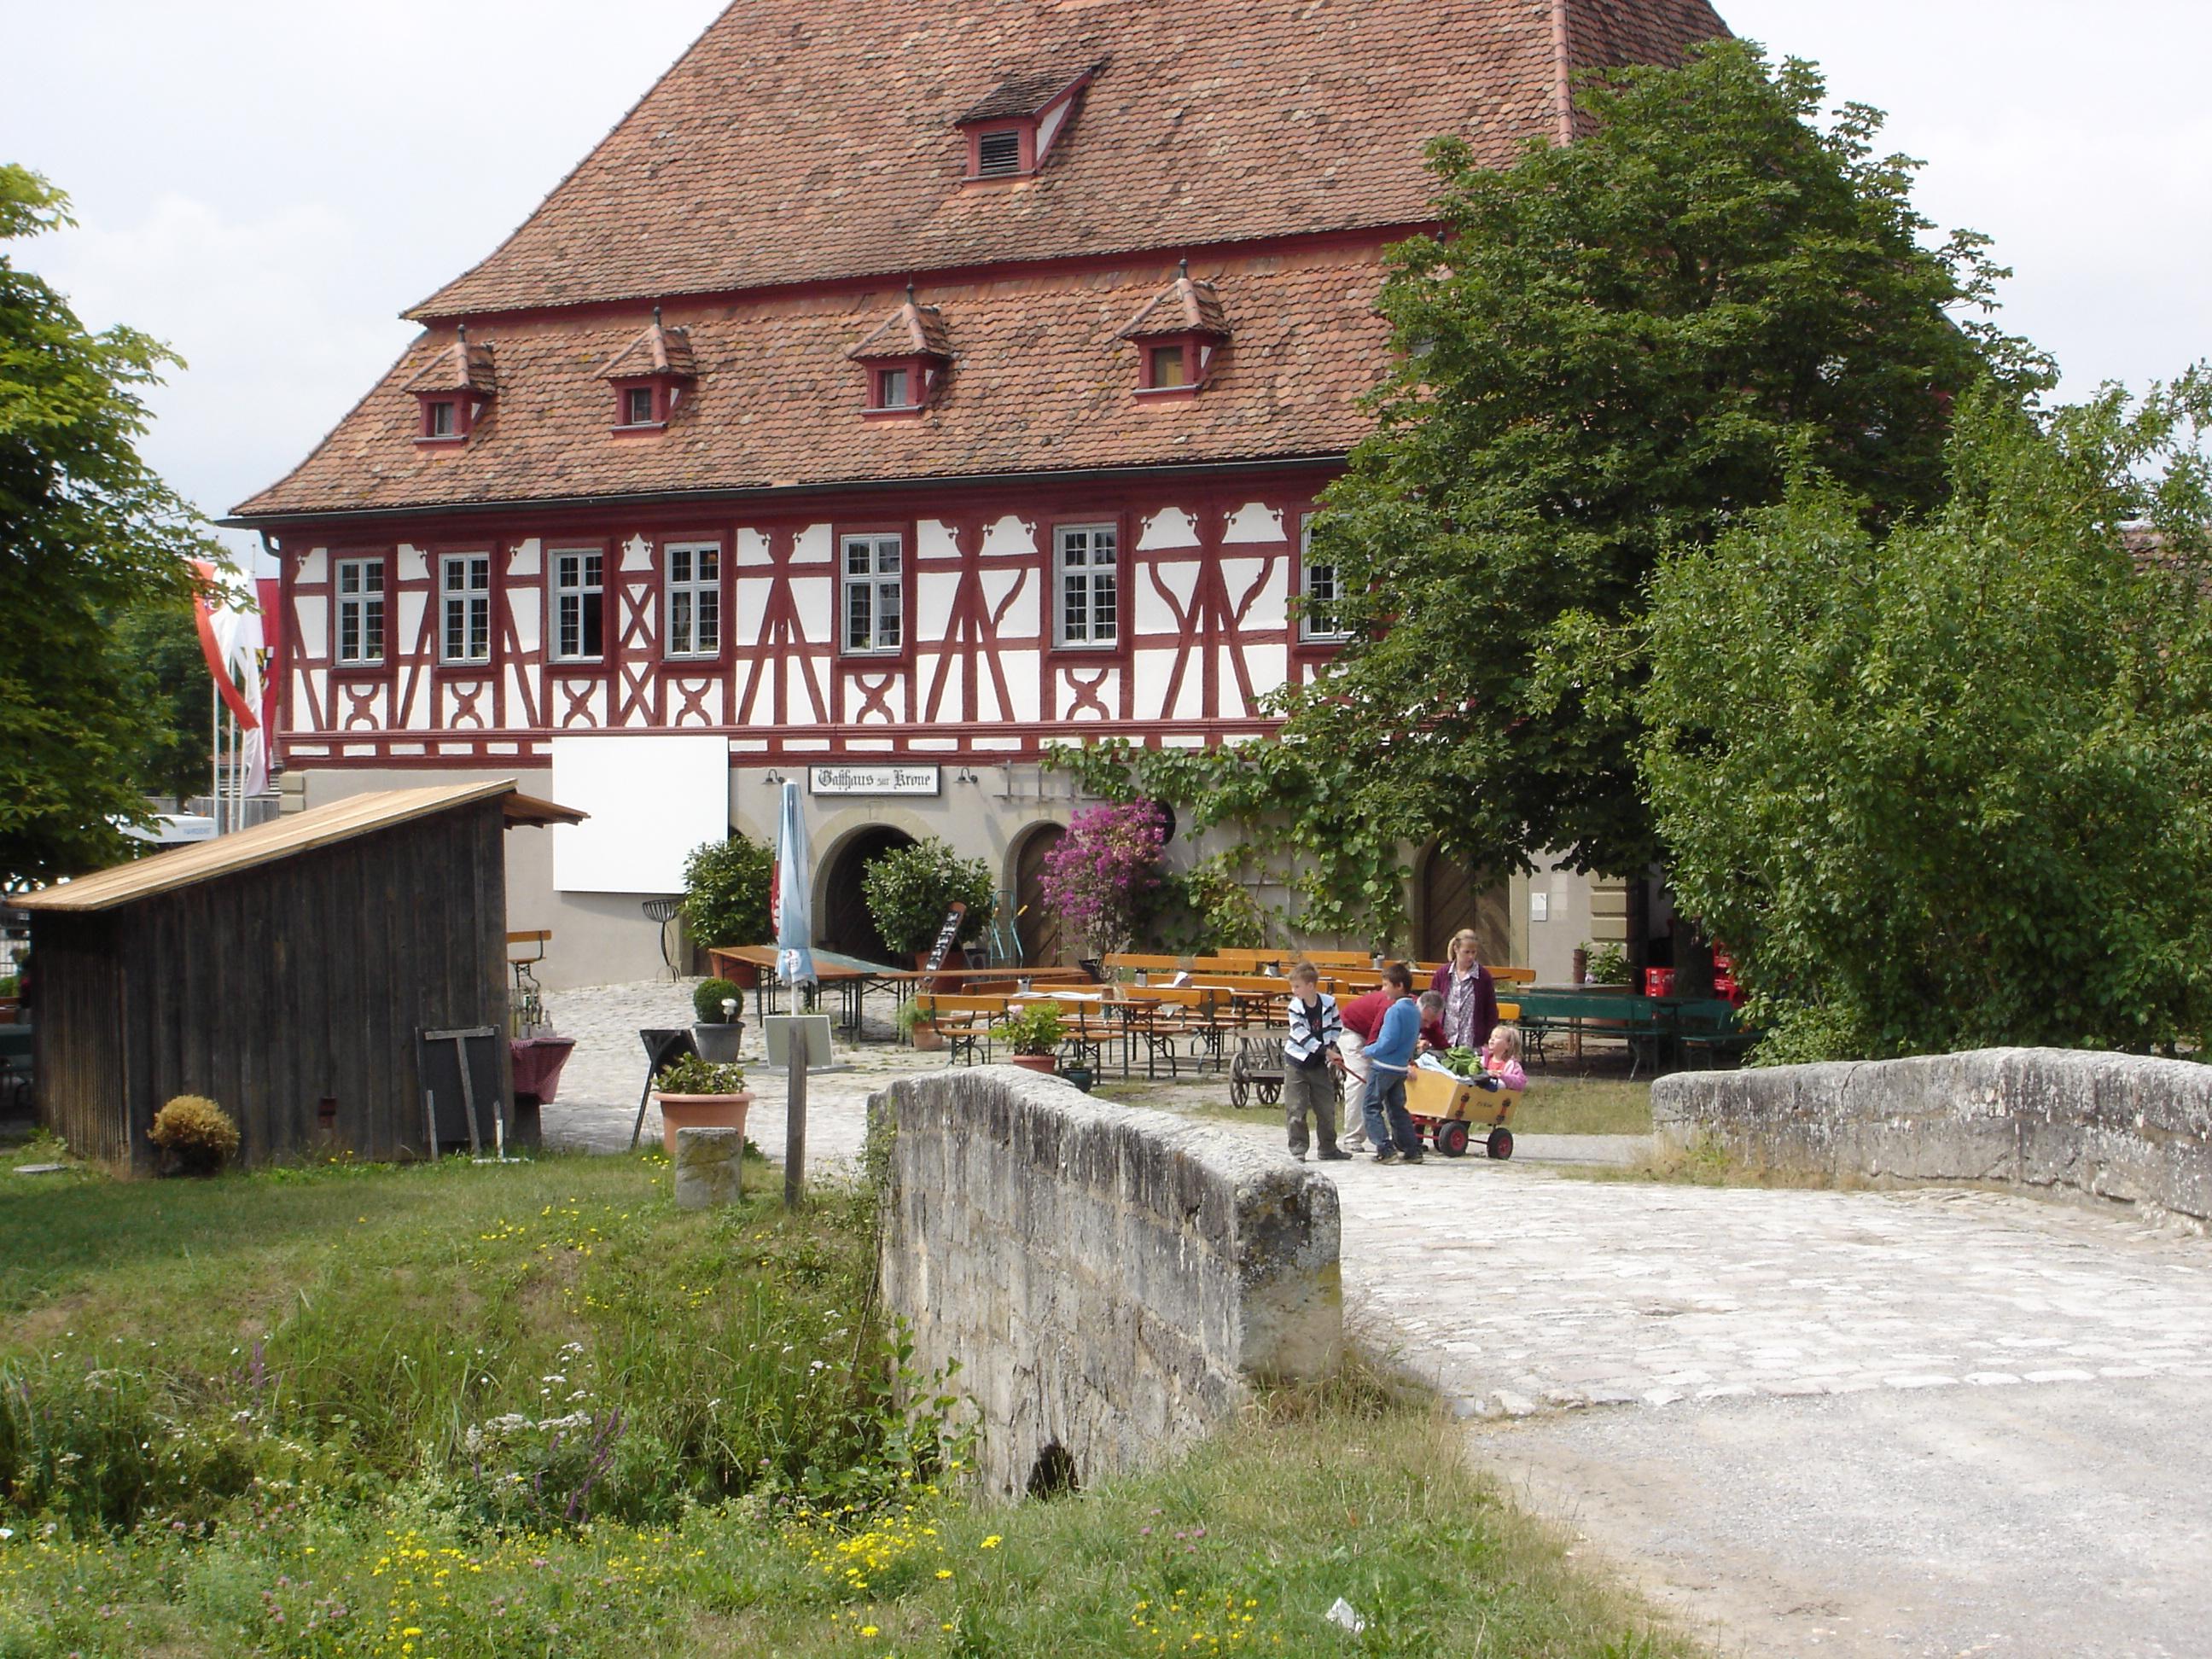 Dorfwirtshaus im Freilandmuseum Bad Windsheim